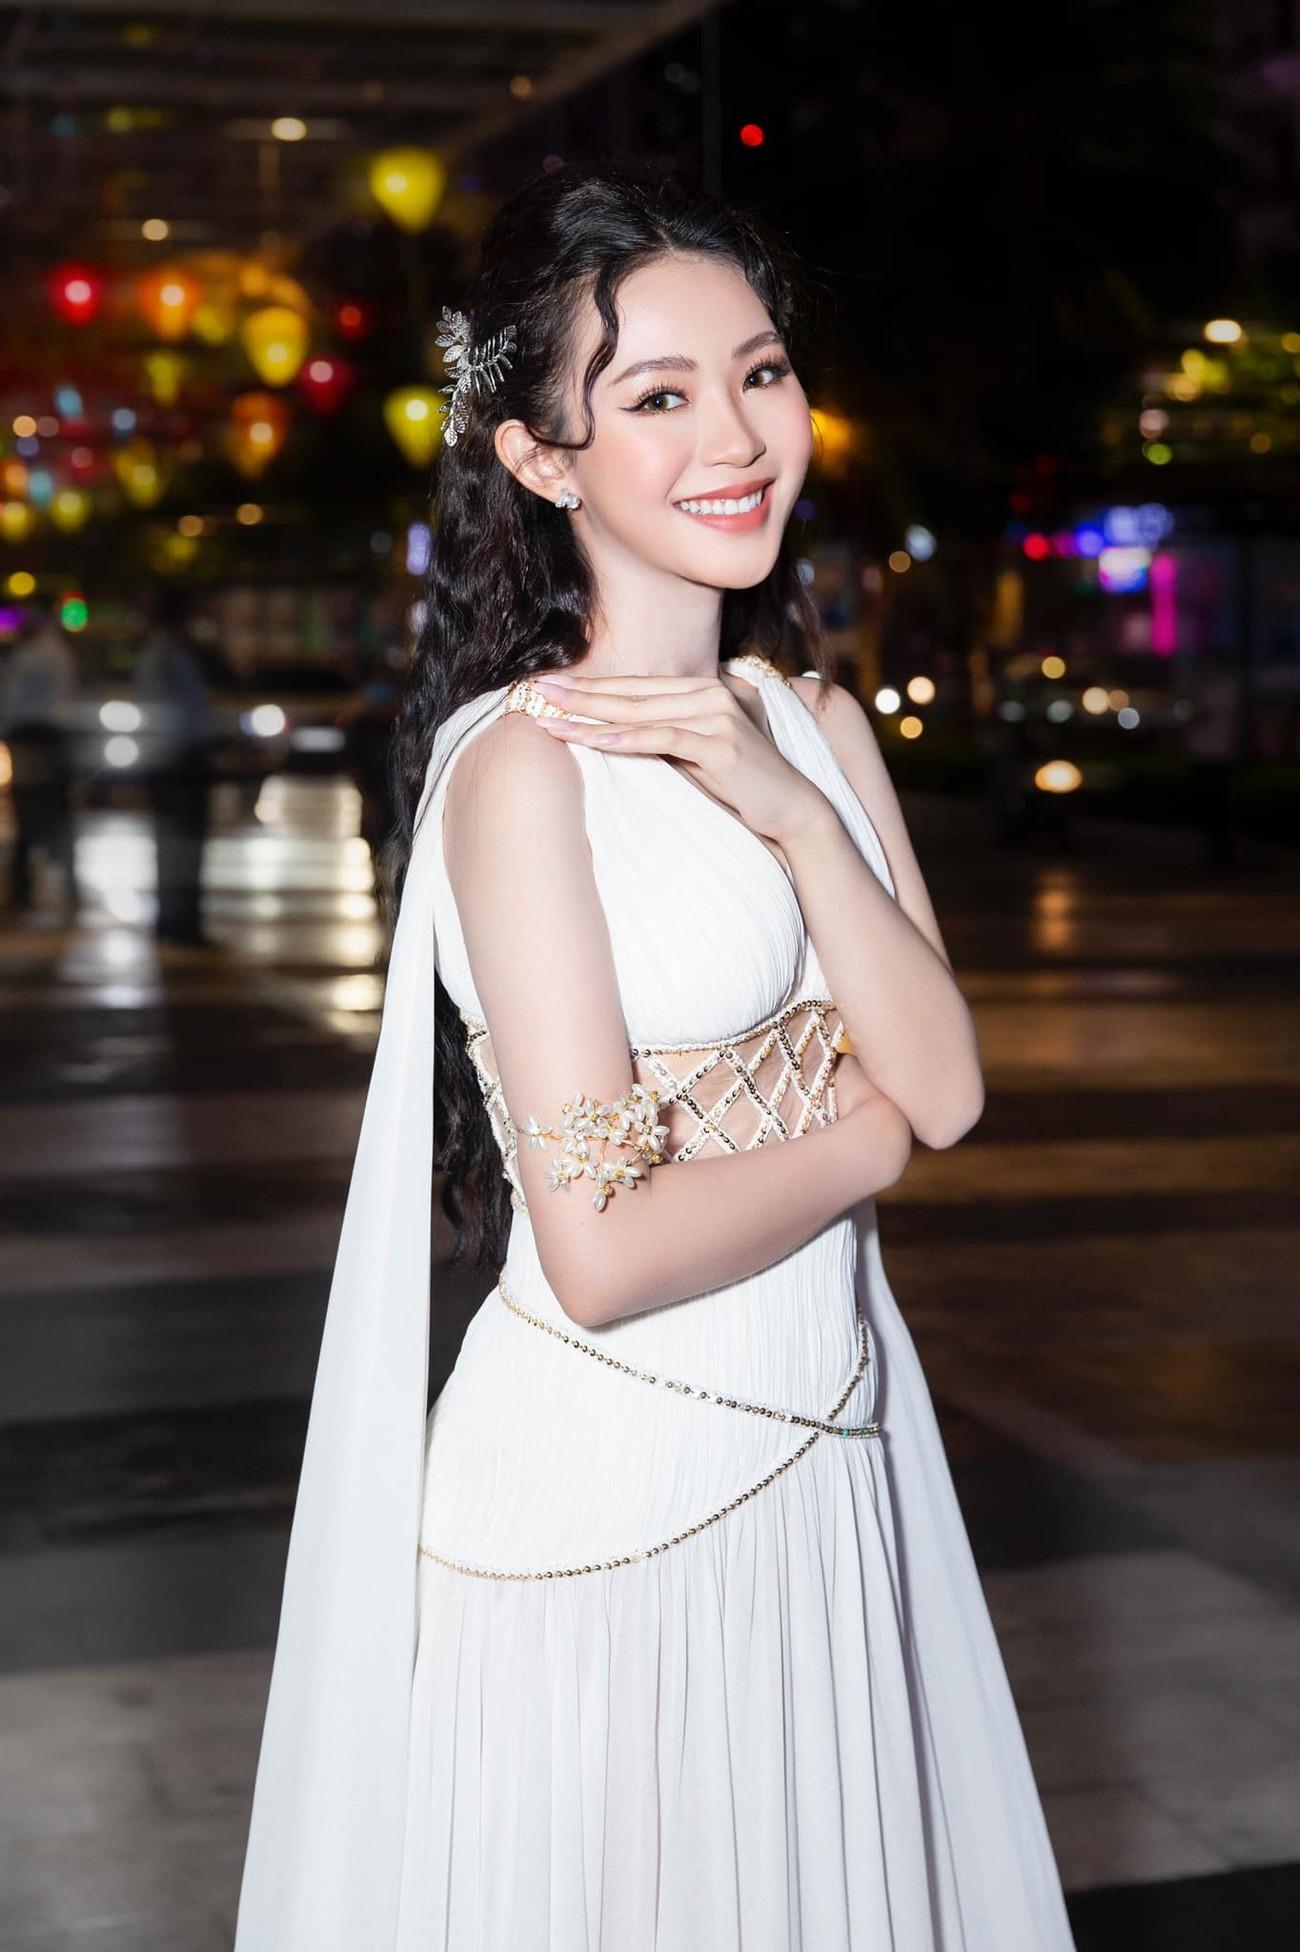 Người đẹp Cẩm Đan kiêu kỳ, Minh Anh xinh đẹp tựa nữ thần ảnh 11